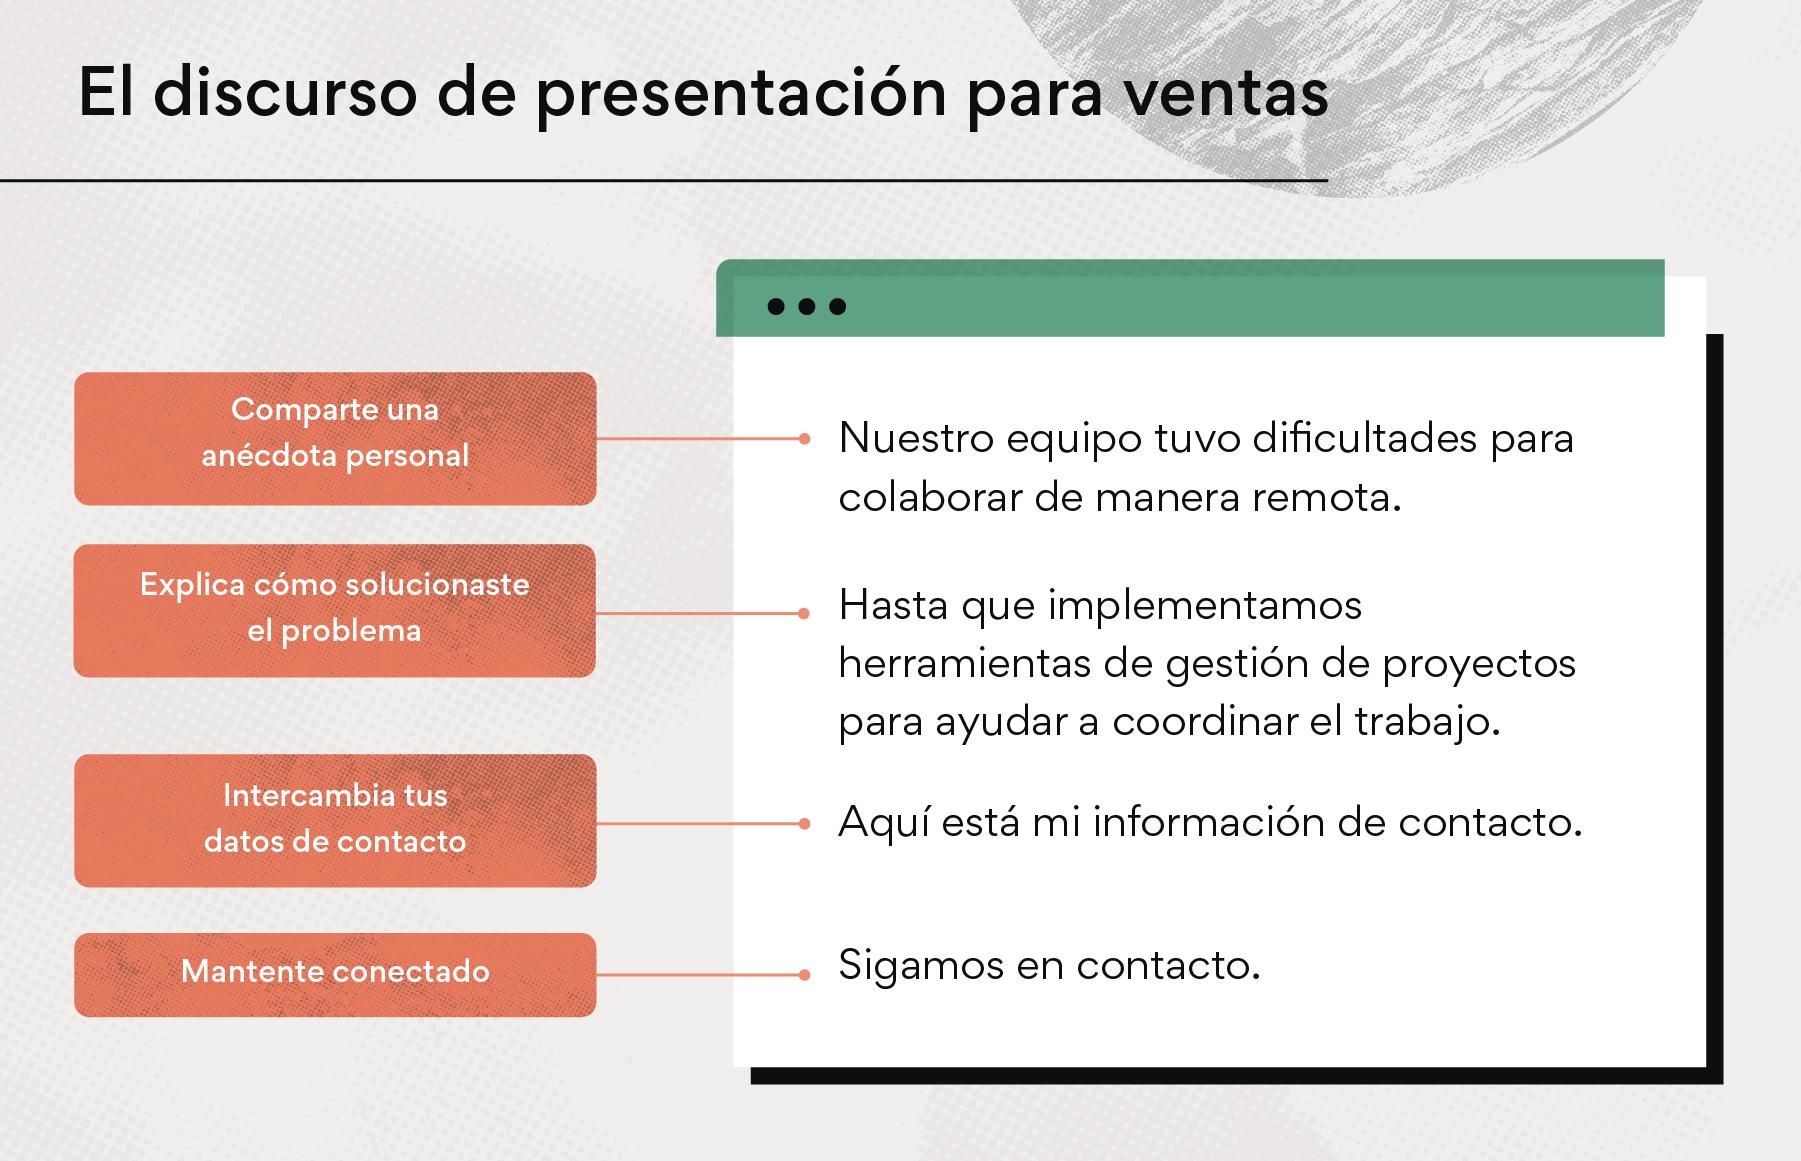 El discurso de presentación para ventas